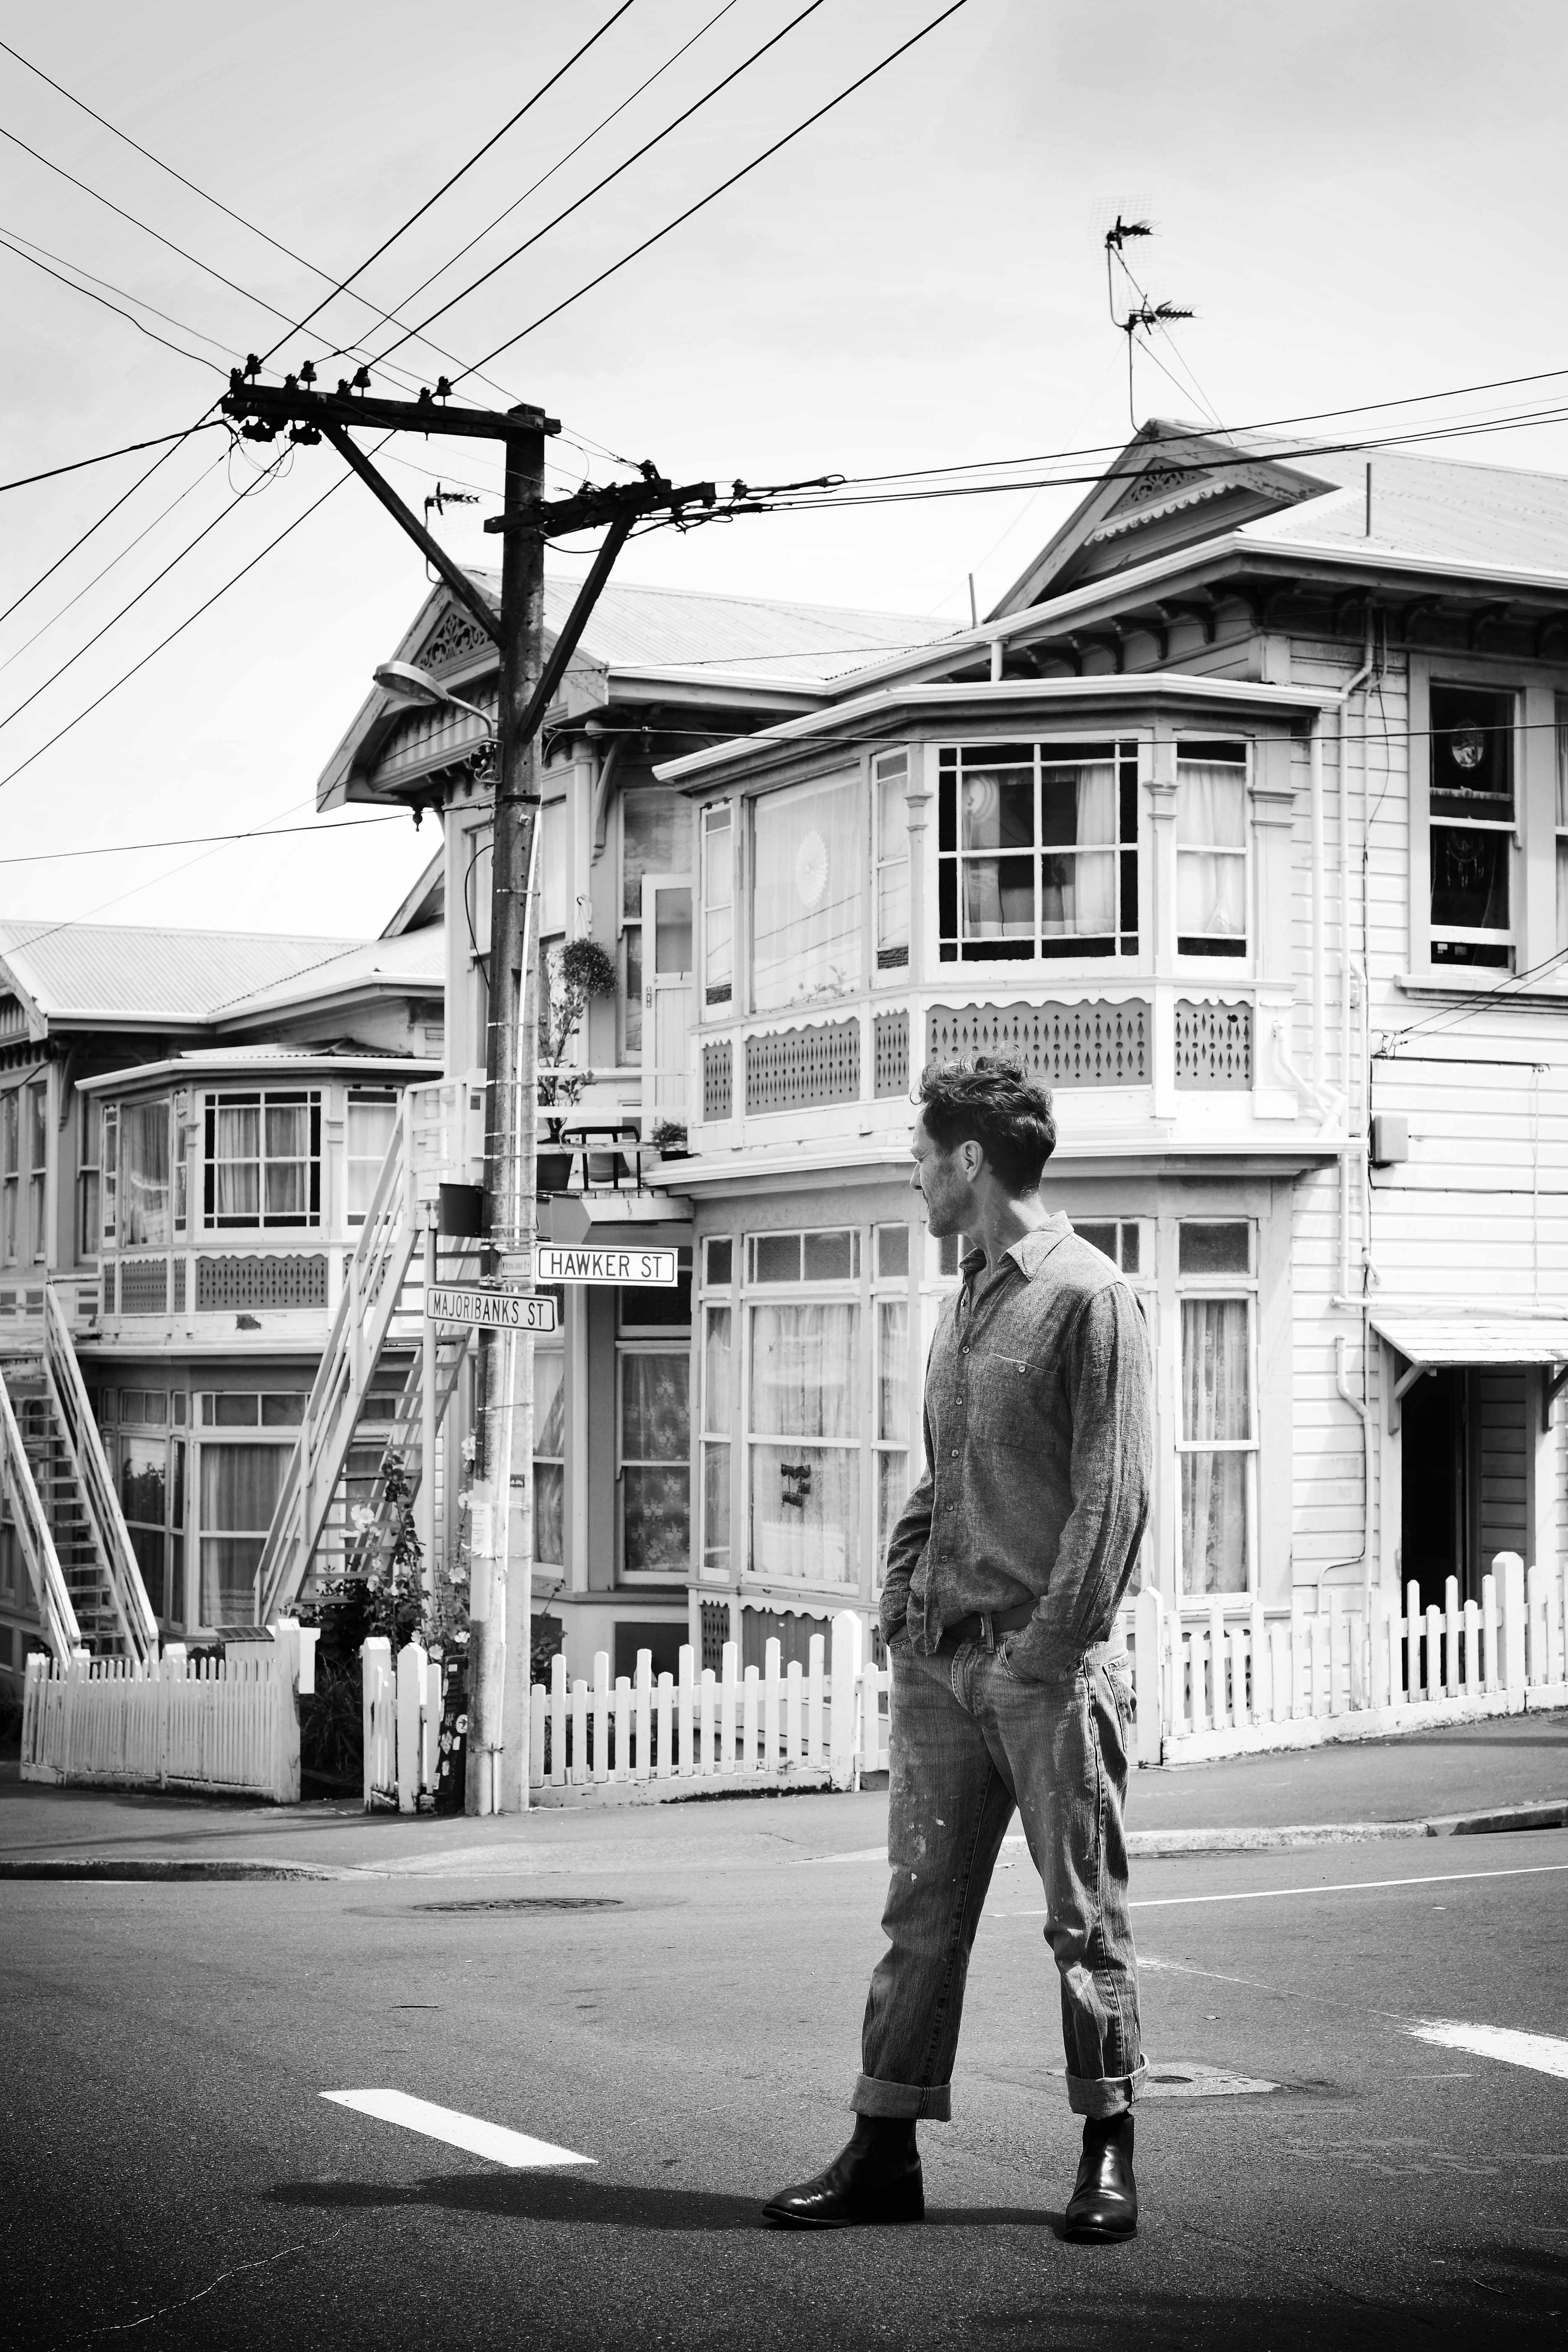 Andrew, Wellington